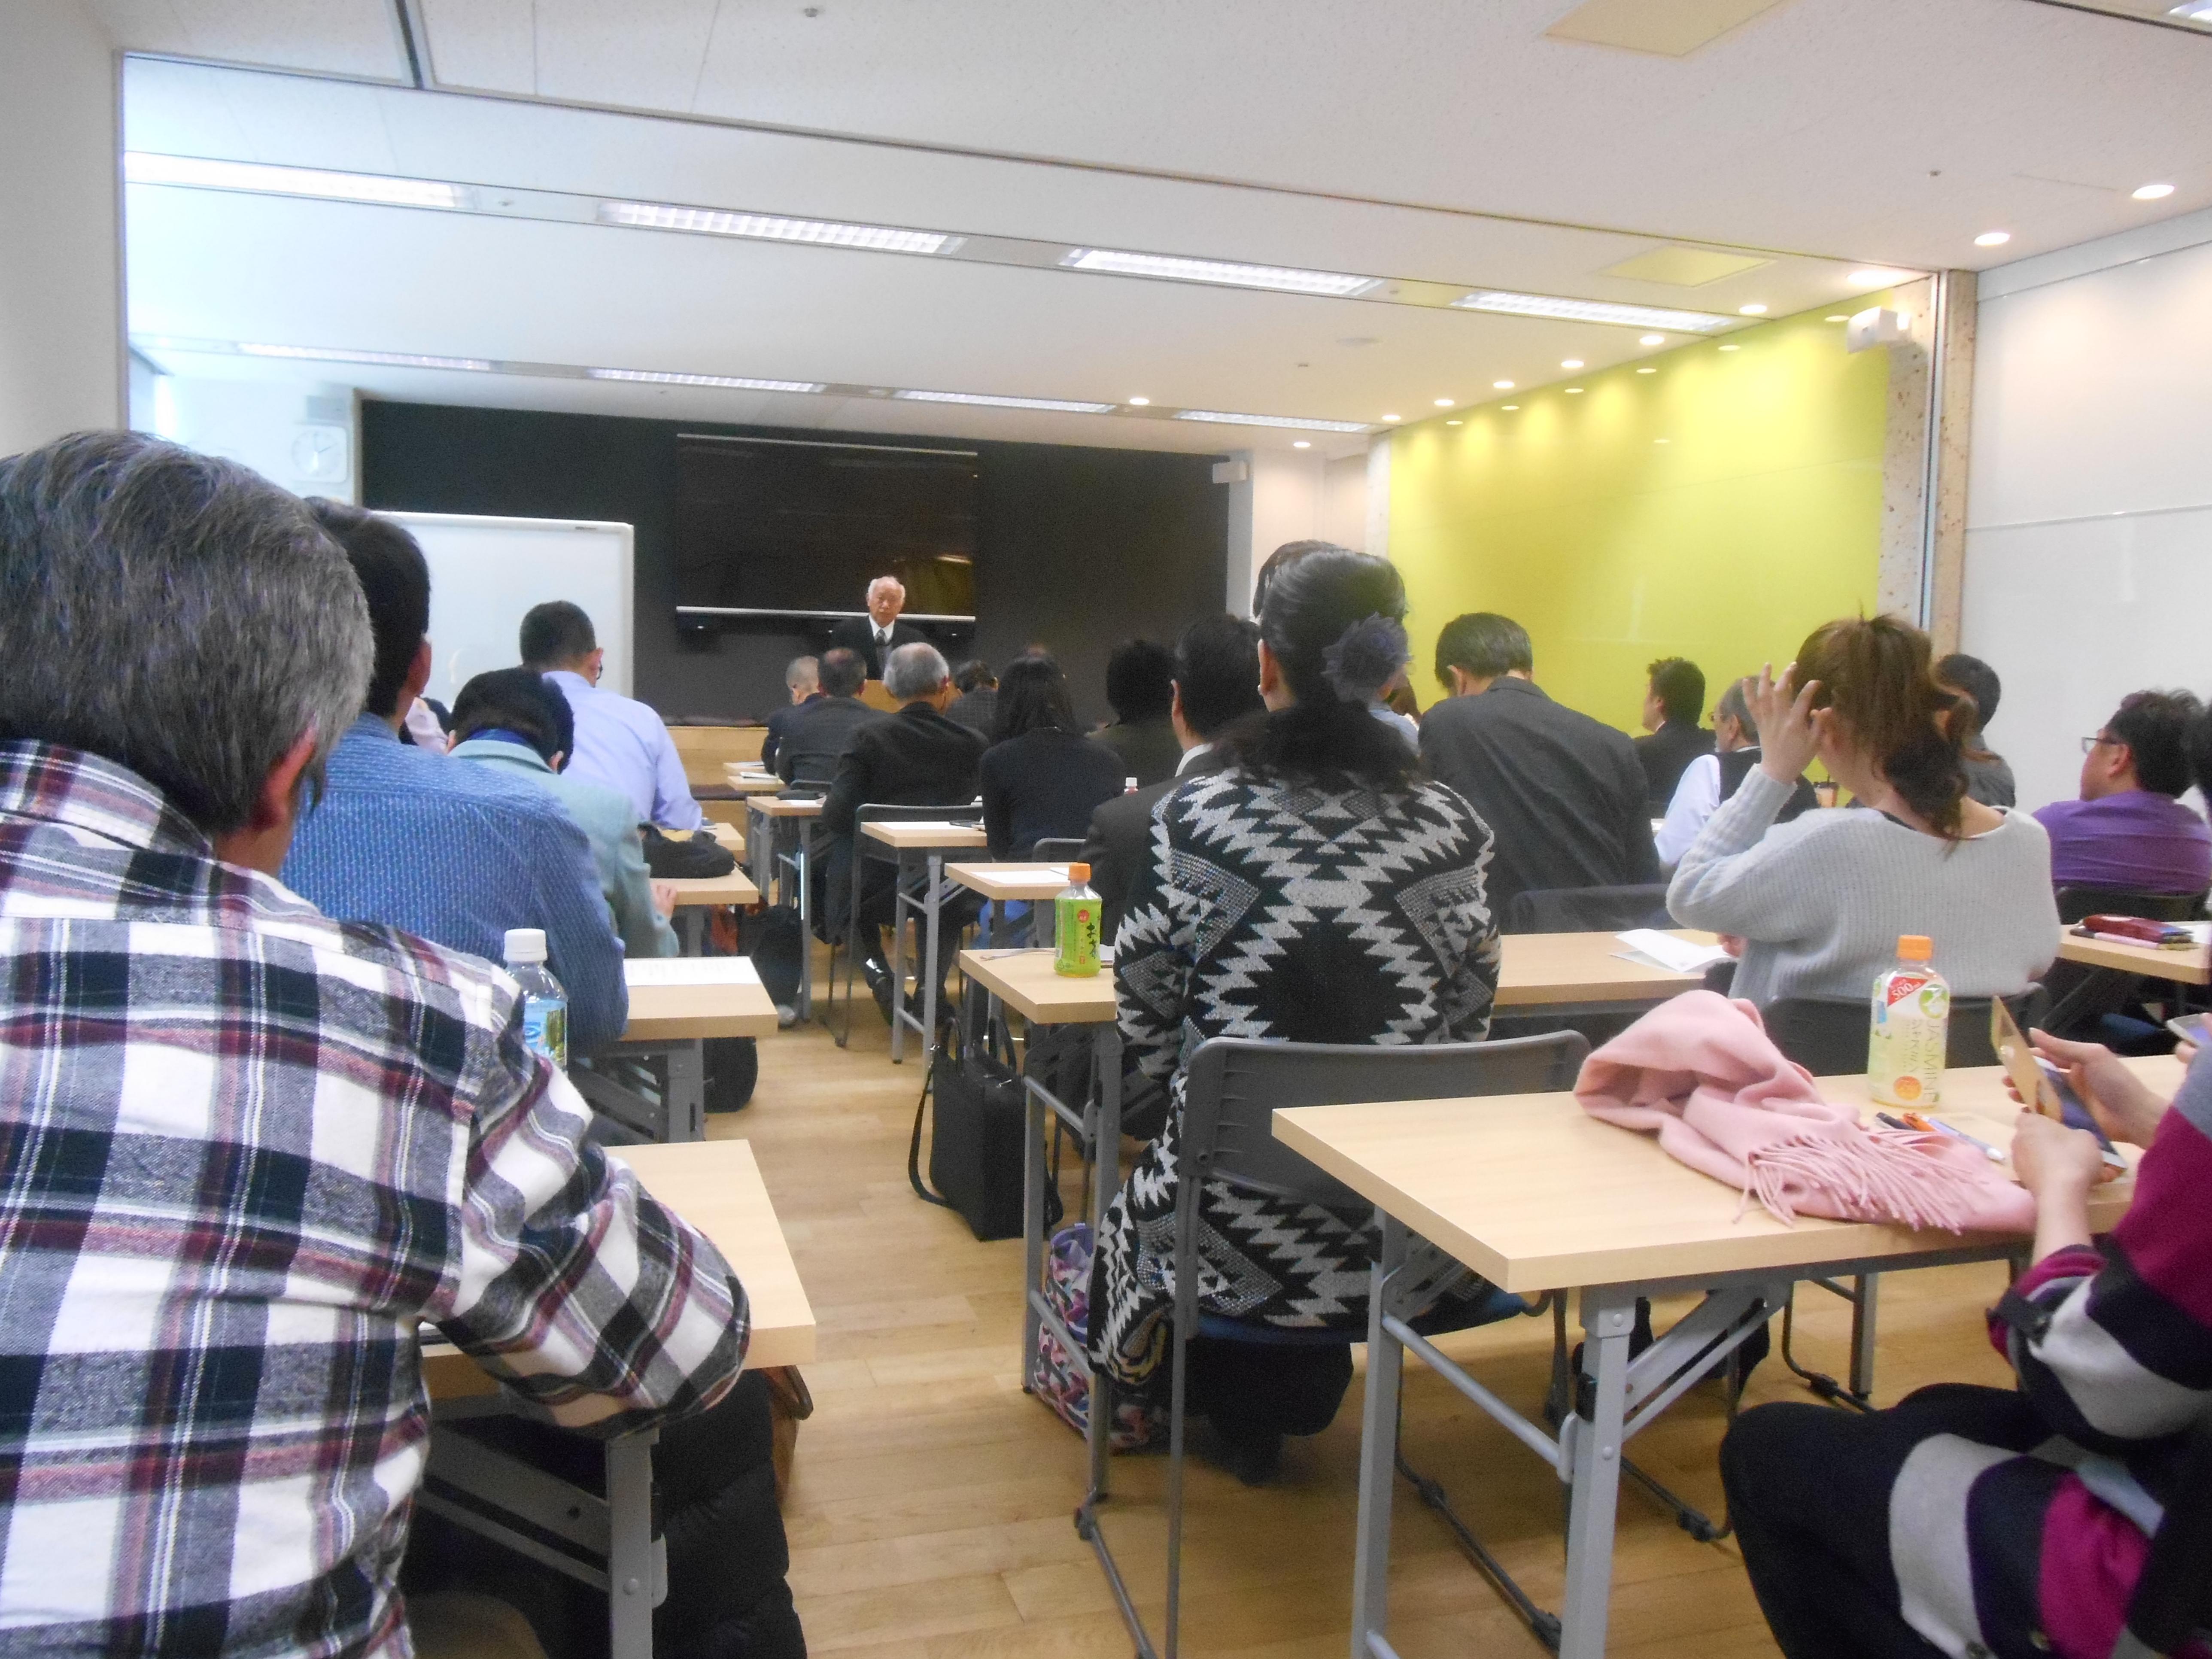 DSCN0052 - 平成29年度 東京思風塾2月4日開催しました。